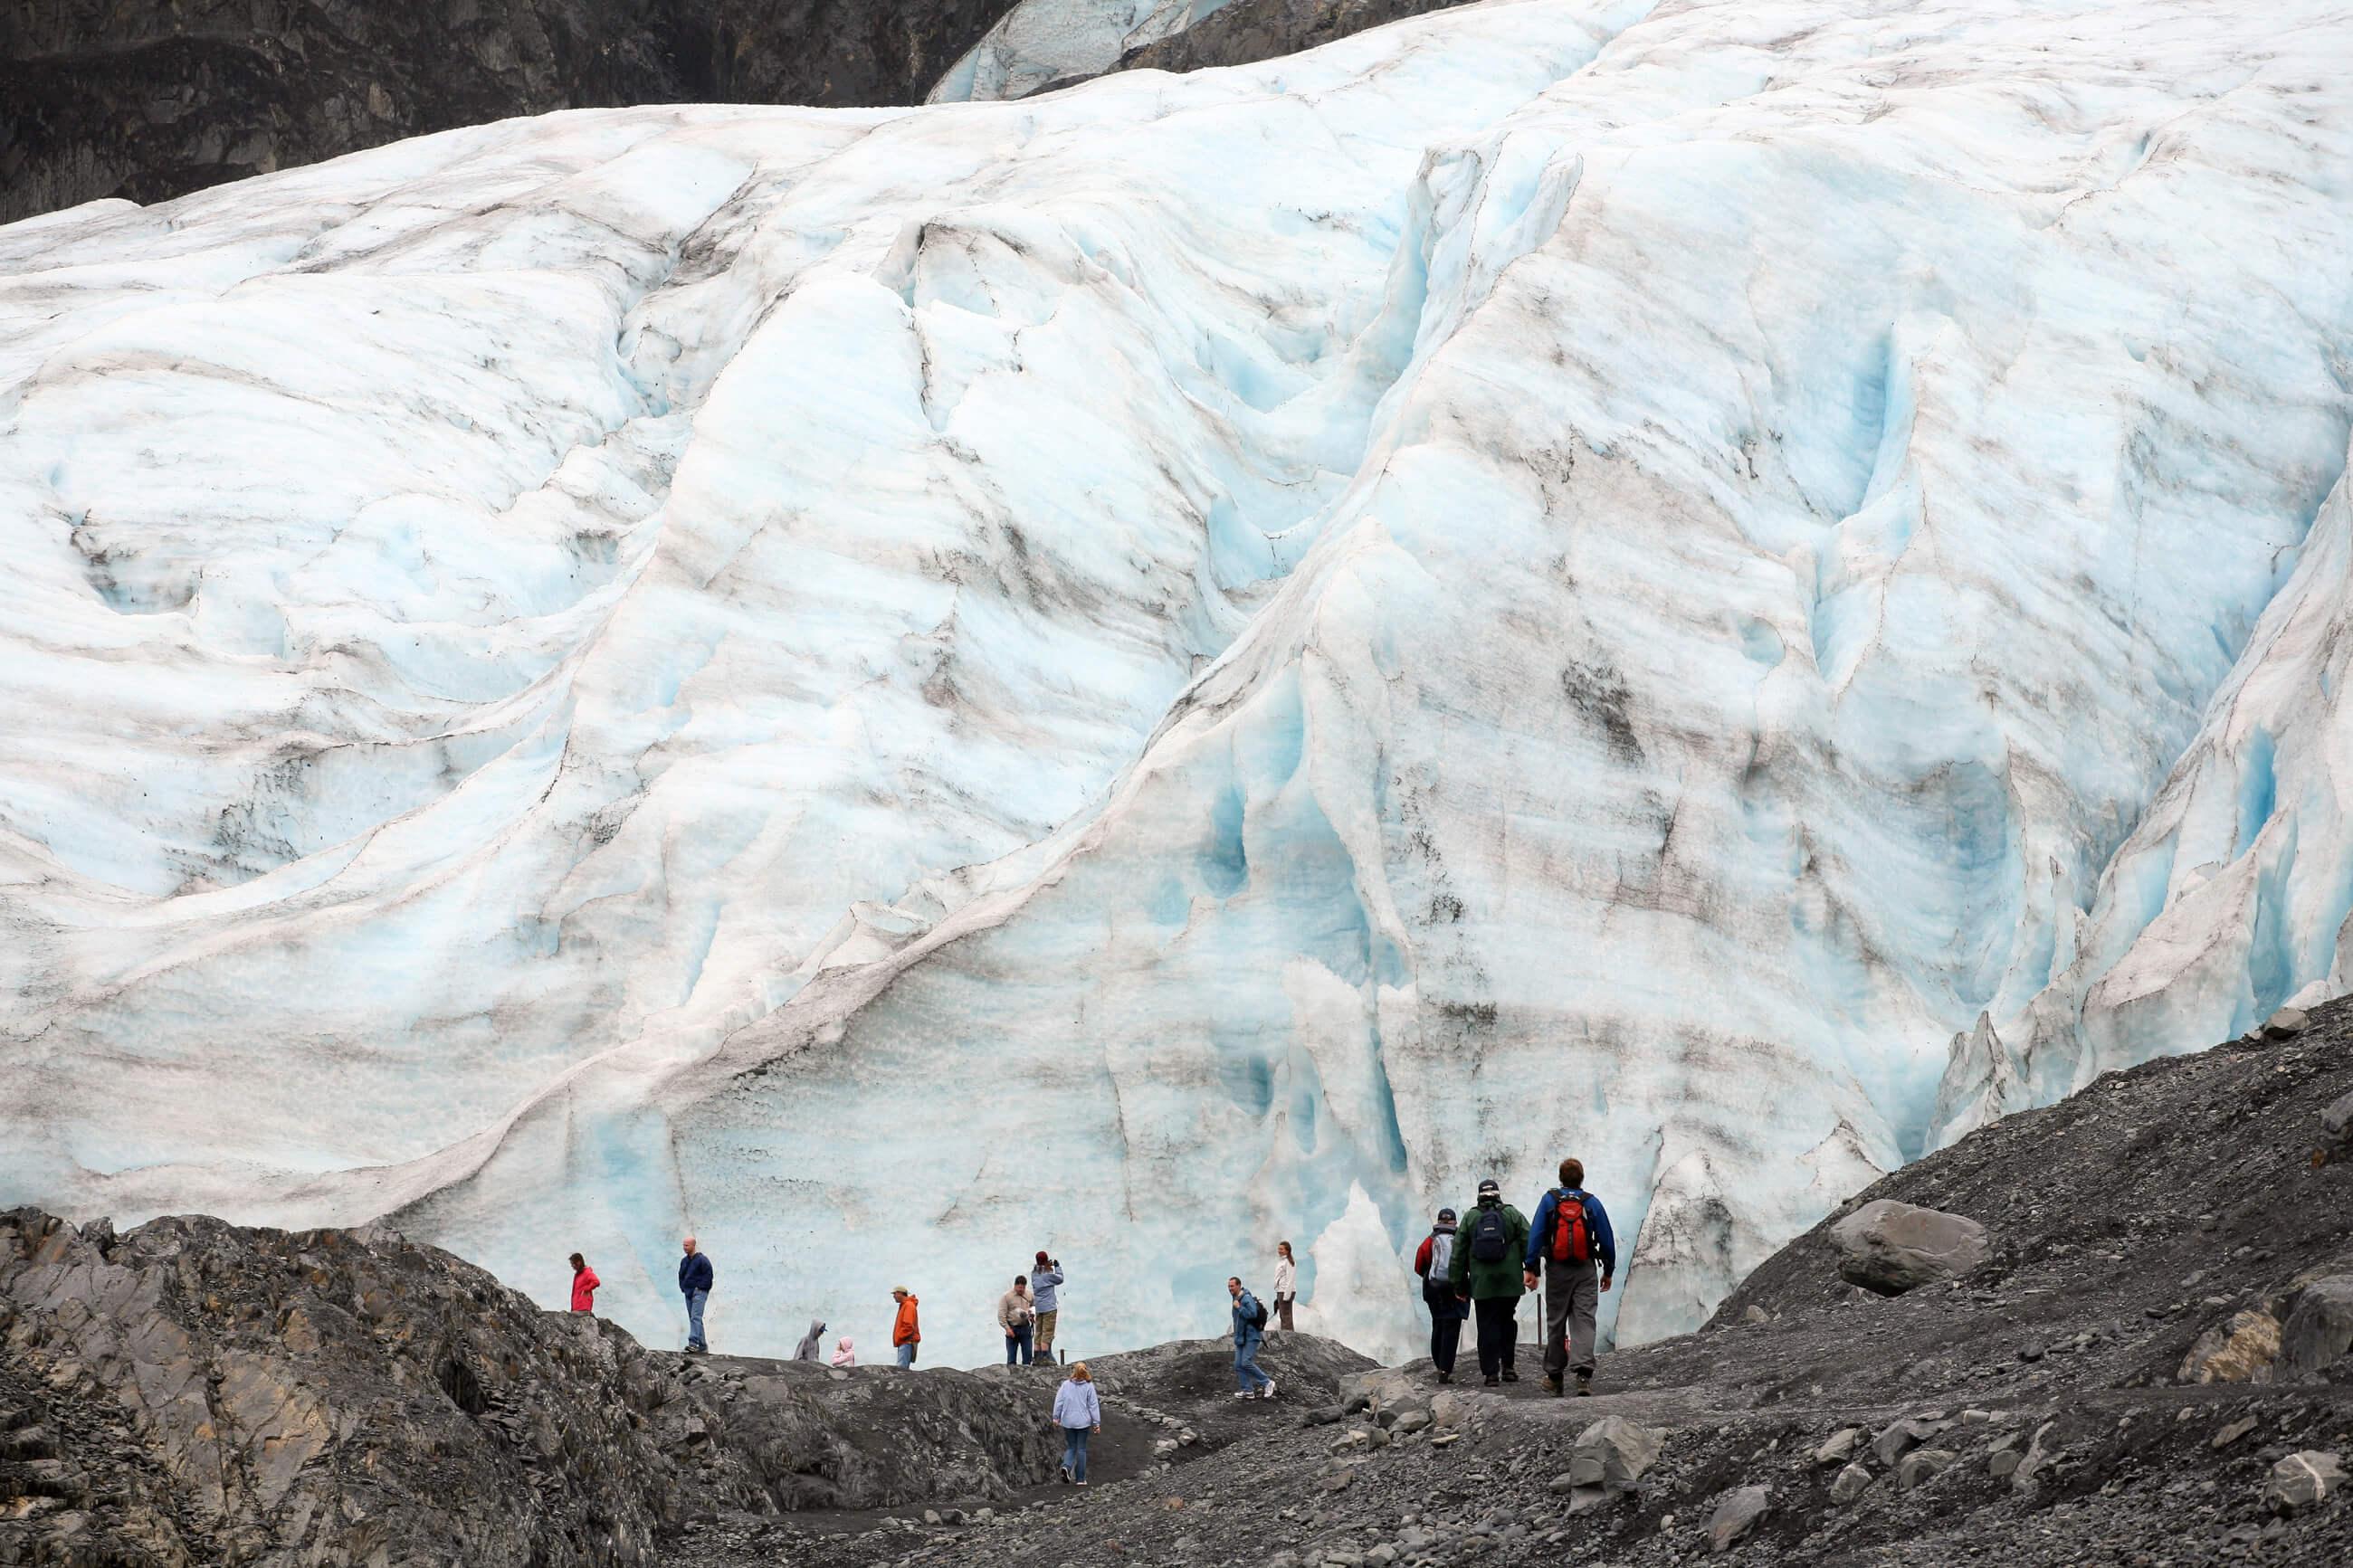 https://bubo.sk/uploads/galleries/16051/aljaska_photos_brian_adams_kenai_fjords_national_park_107.jpg-23.jpg